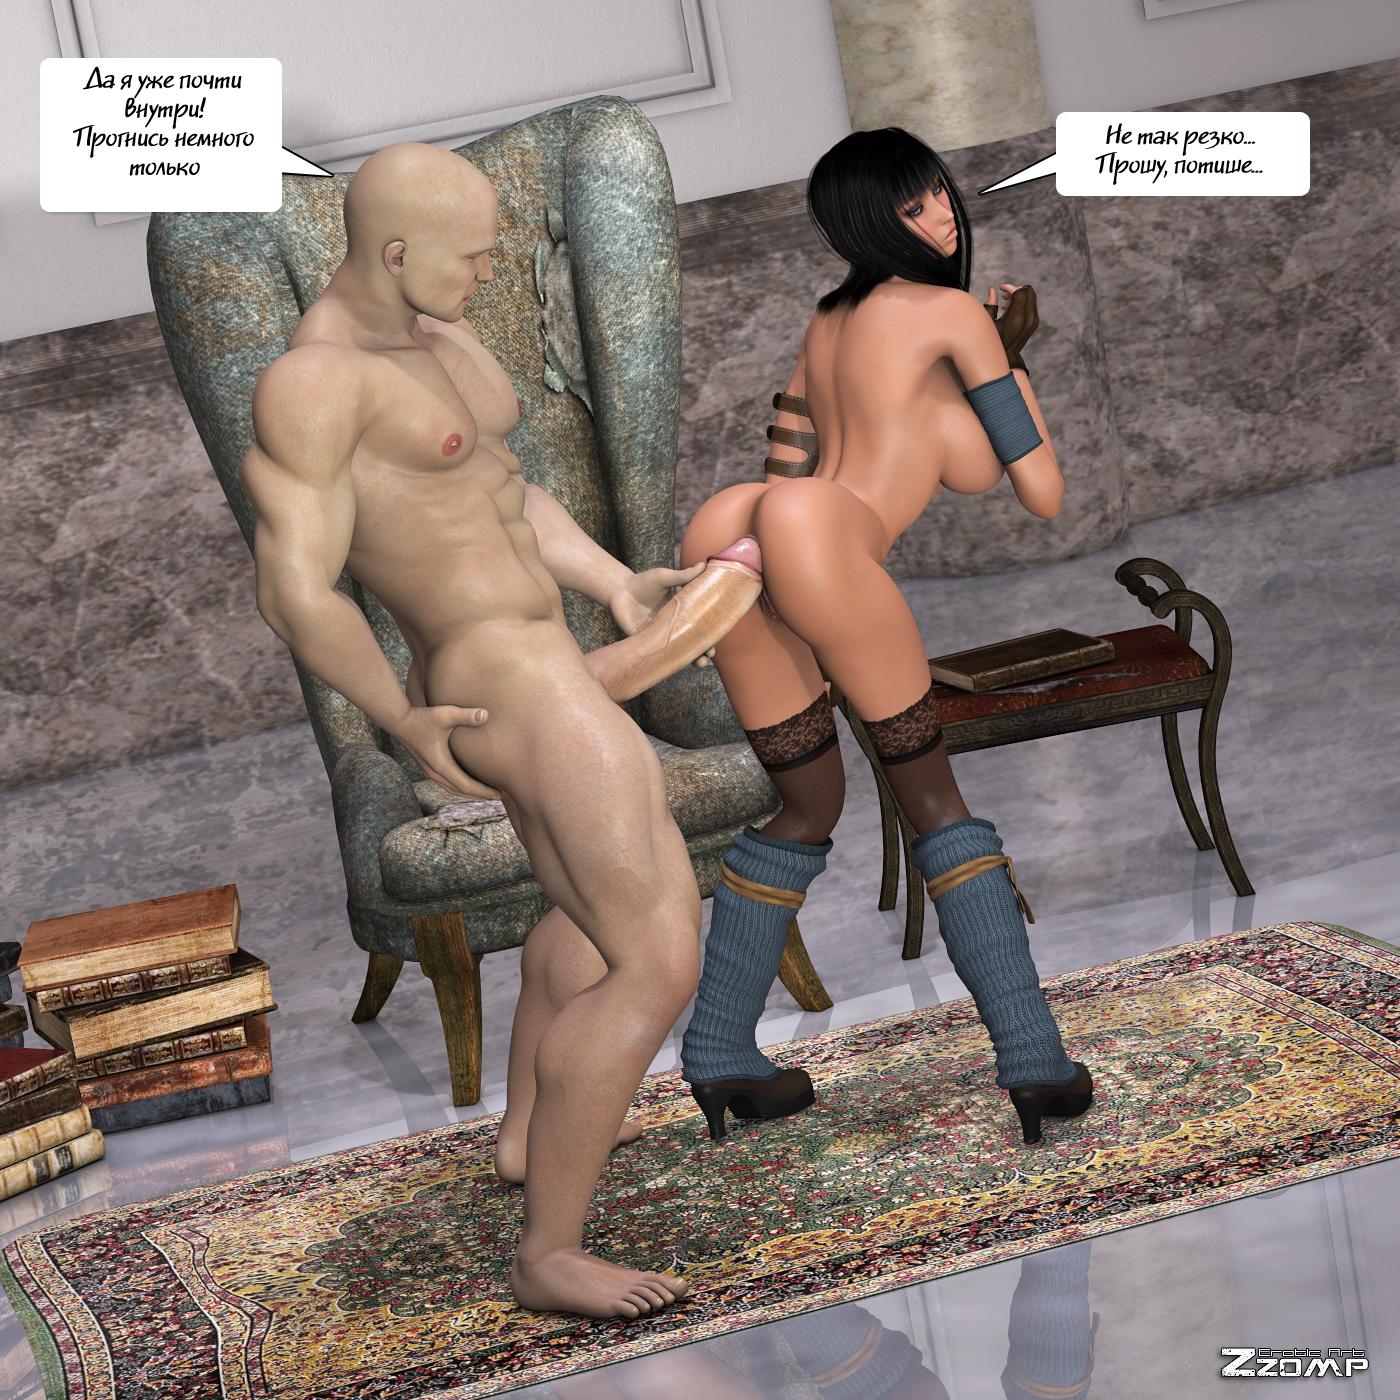 Приватный танец порн 4 фотография